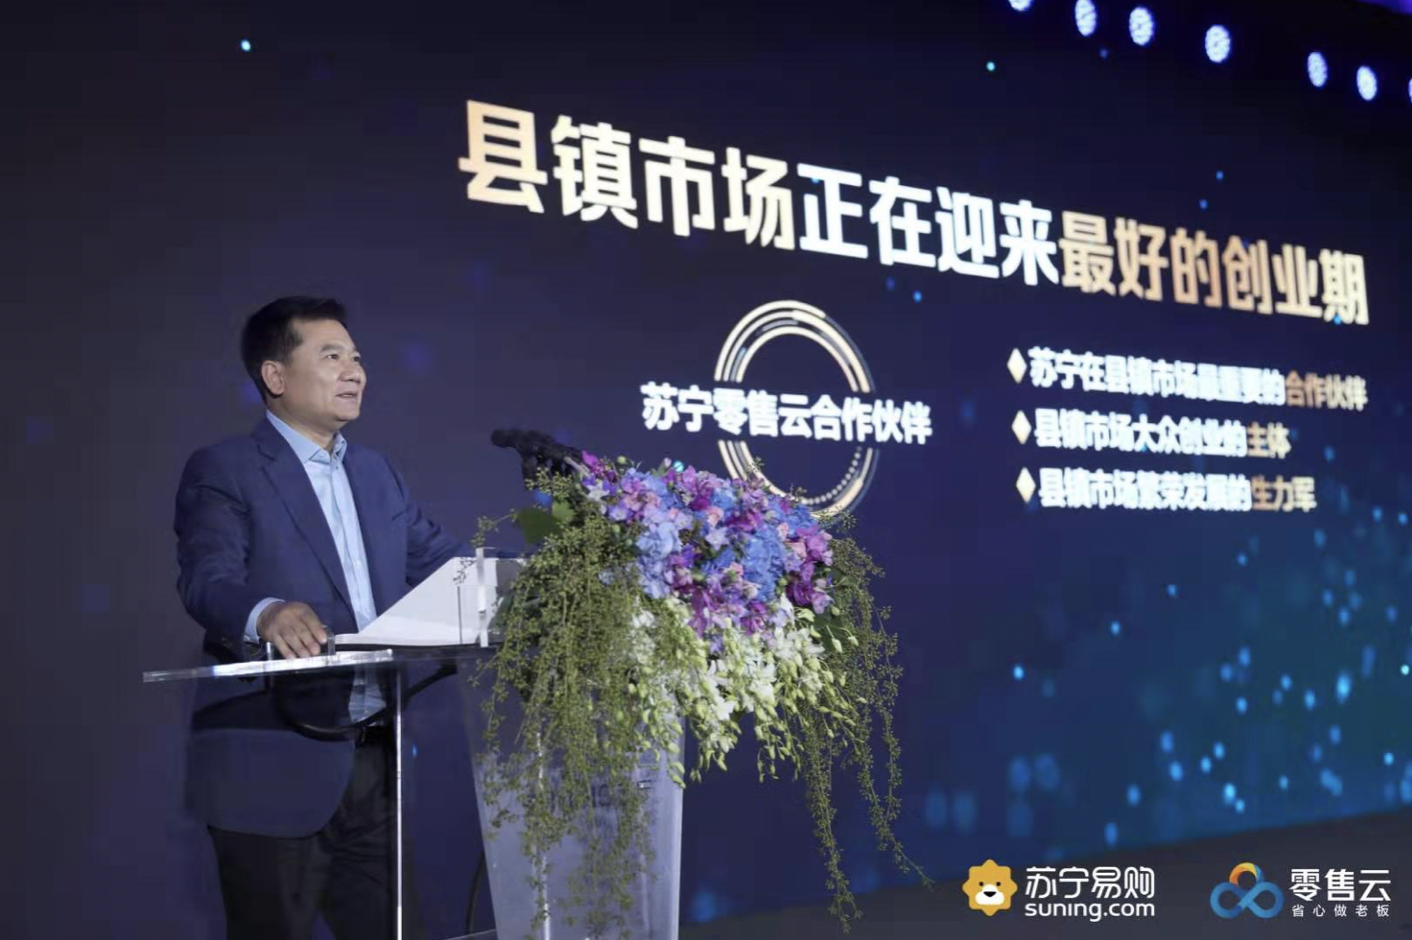 苏宁零售云2021年开12000店,将优化家电3C、加快试点新品类